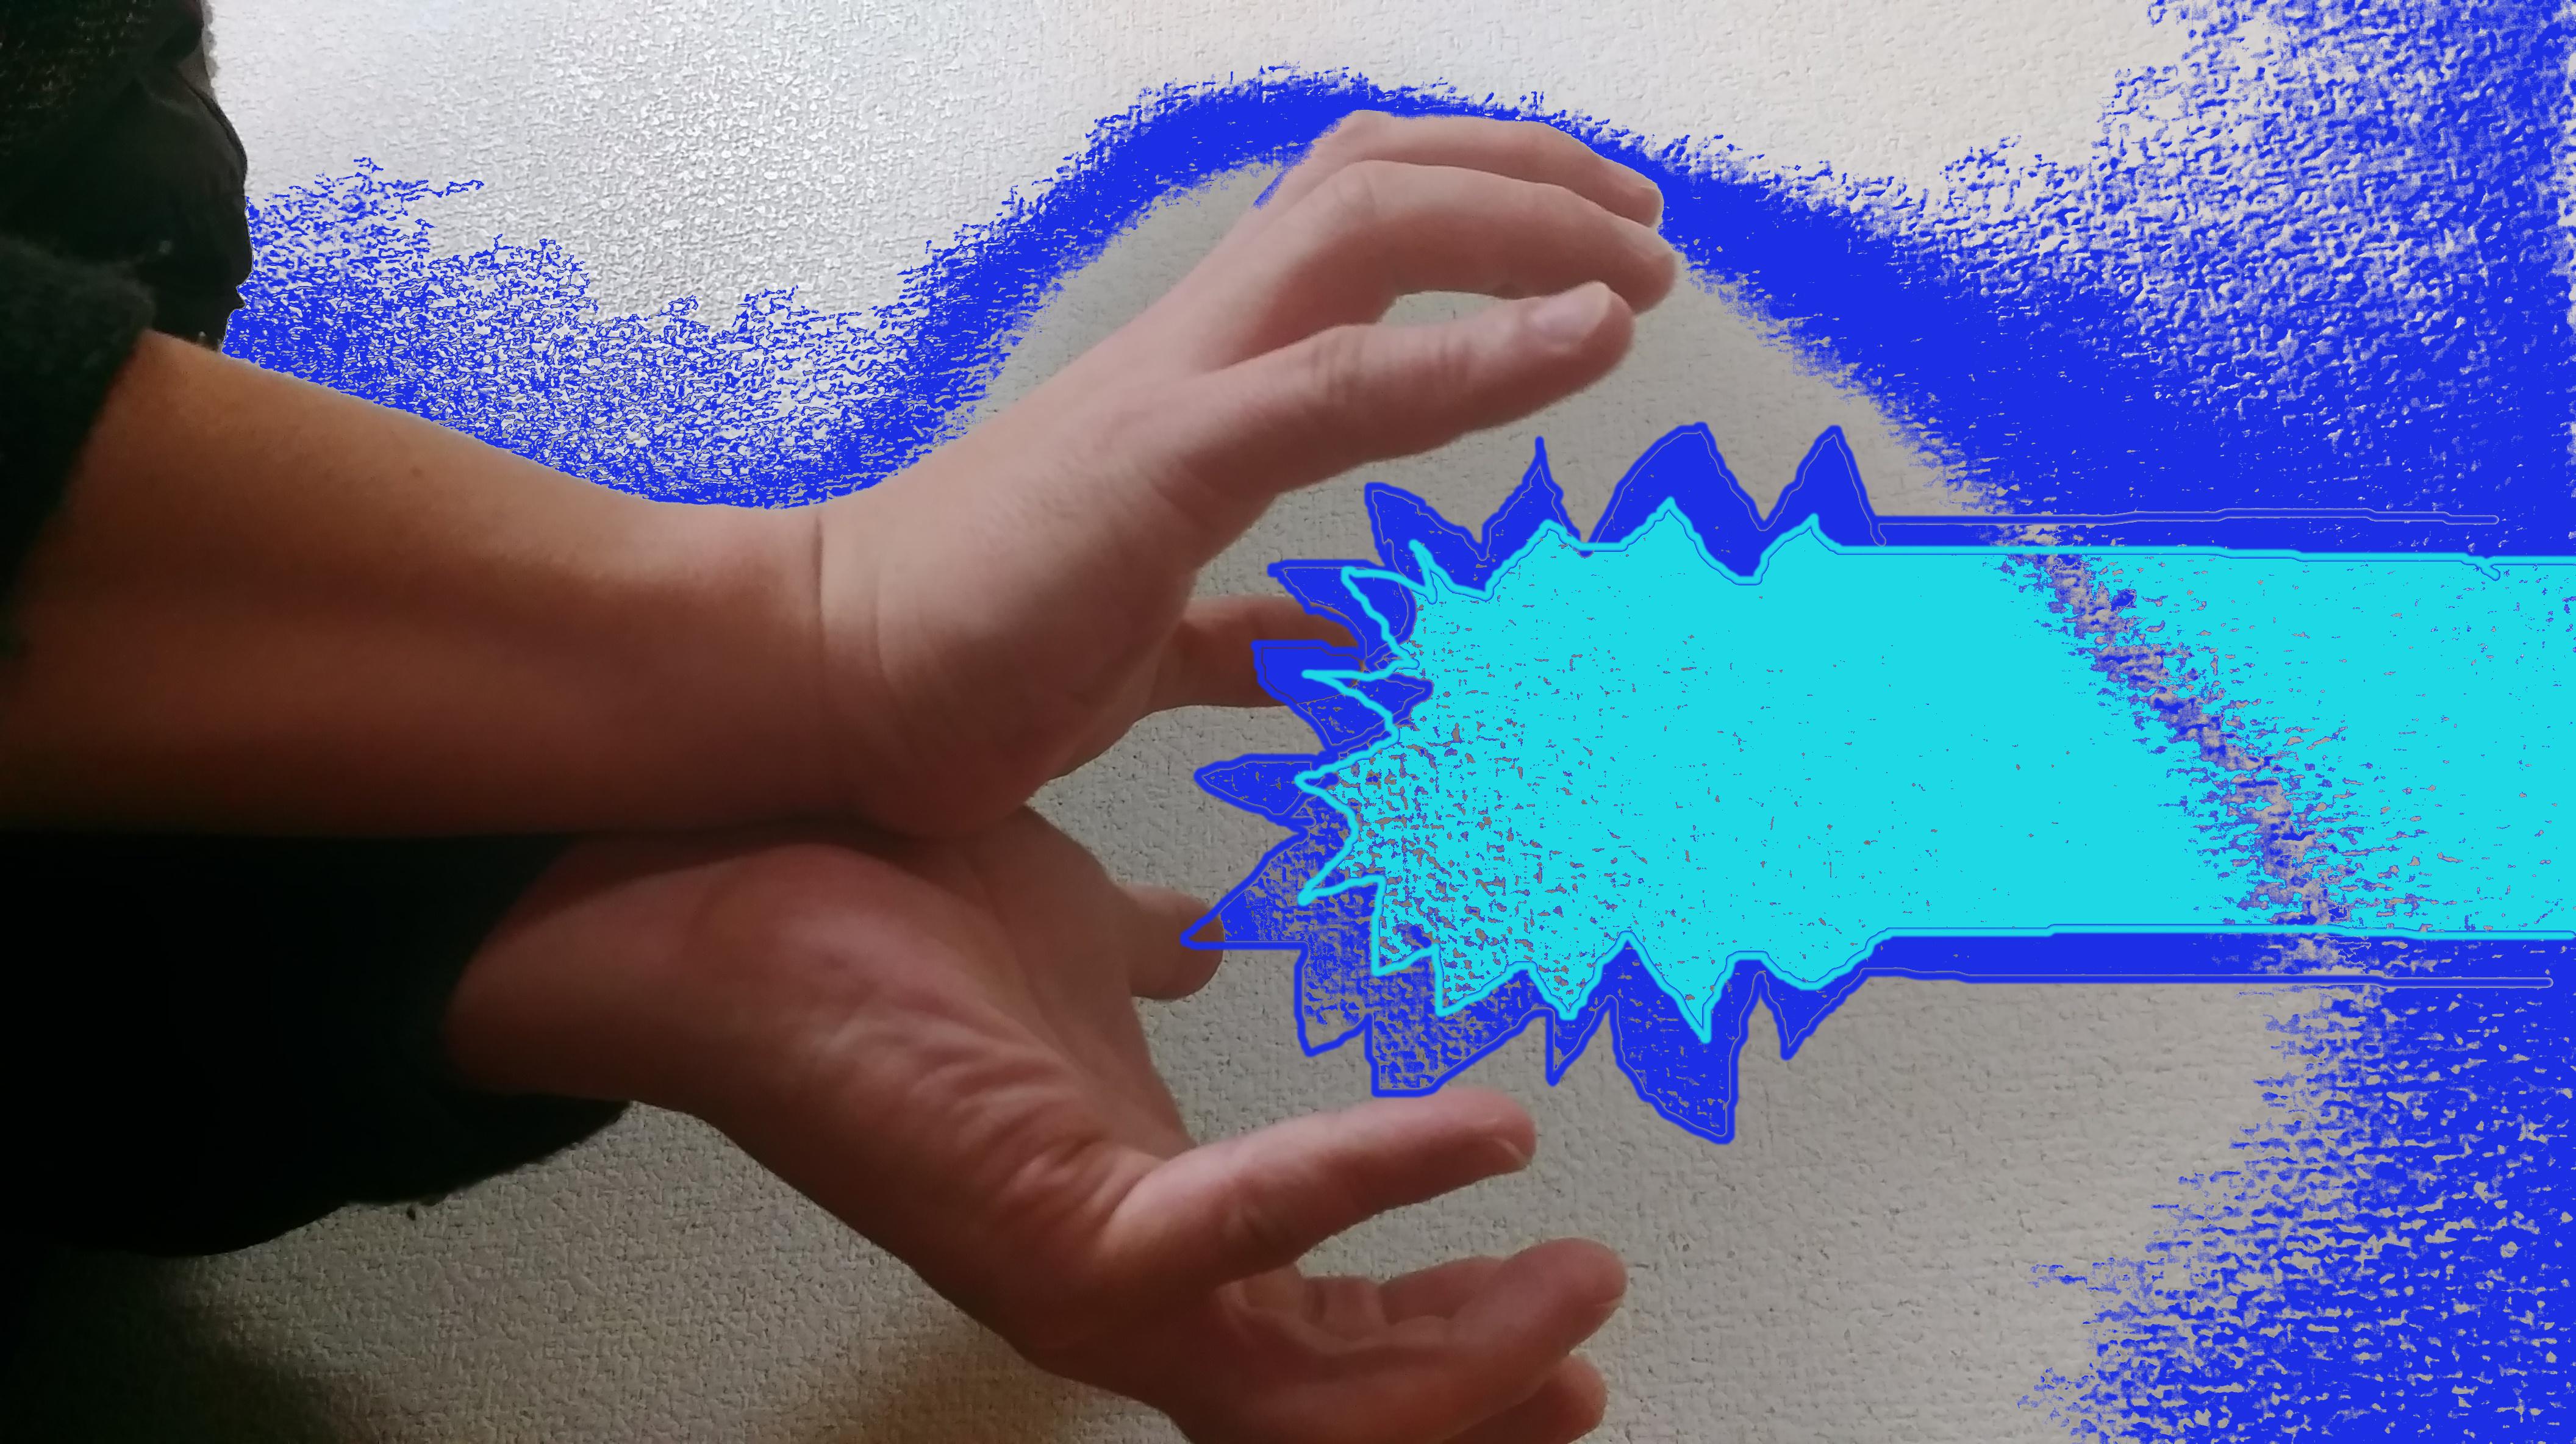 かめはめ波のイメージ画像